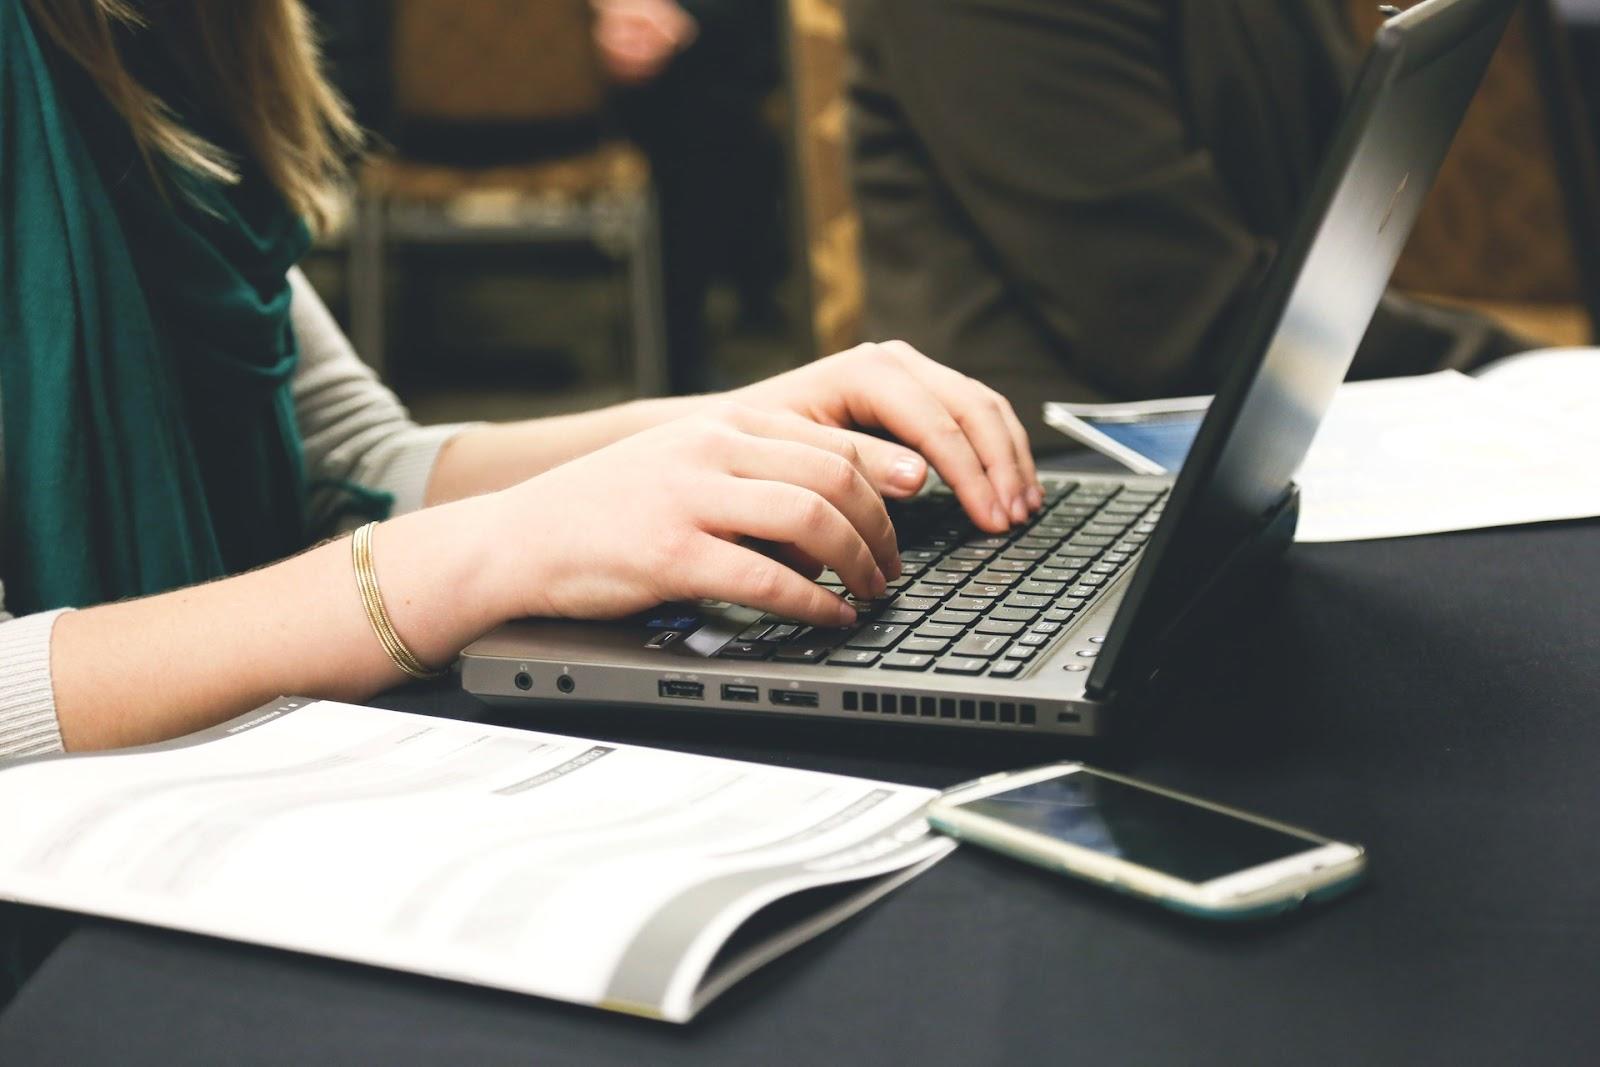 A mum sat at a laptop working as a copywriter.